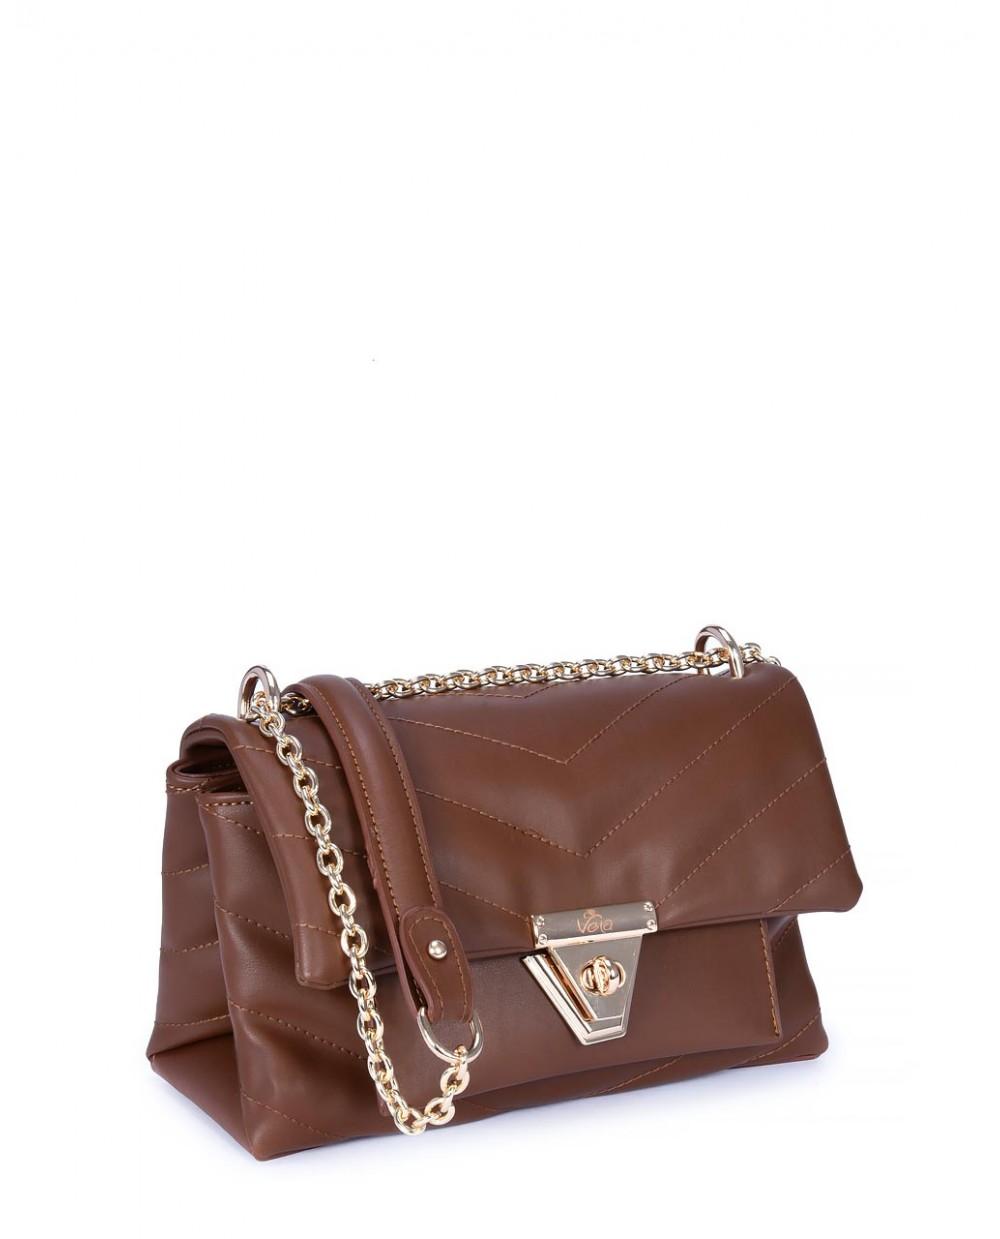 SHOULDER BAG 5118